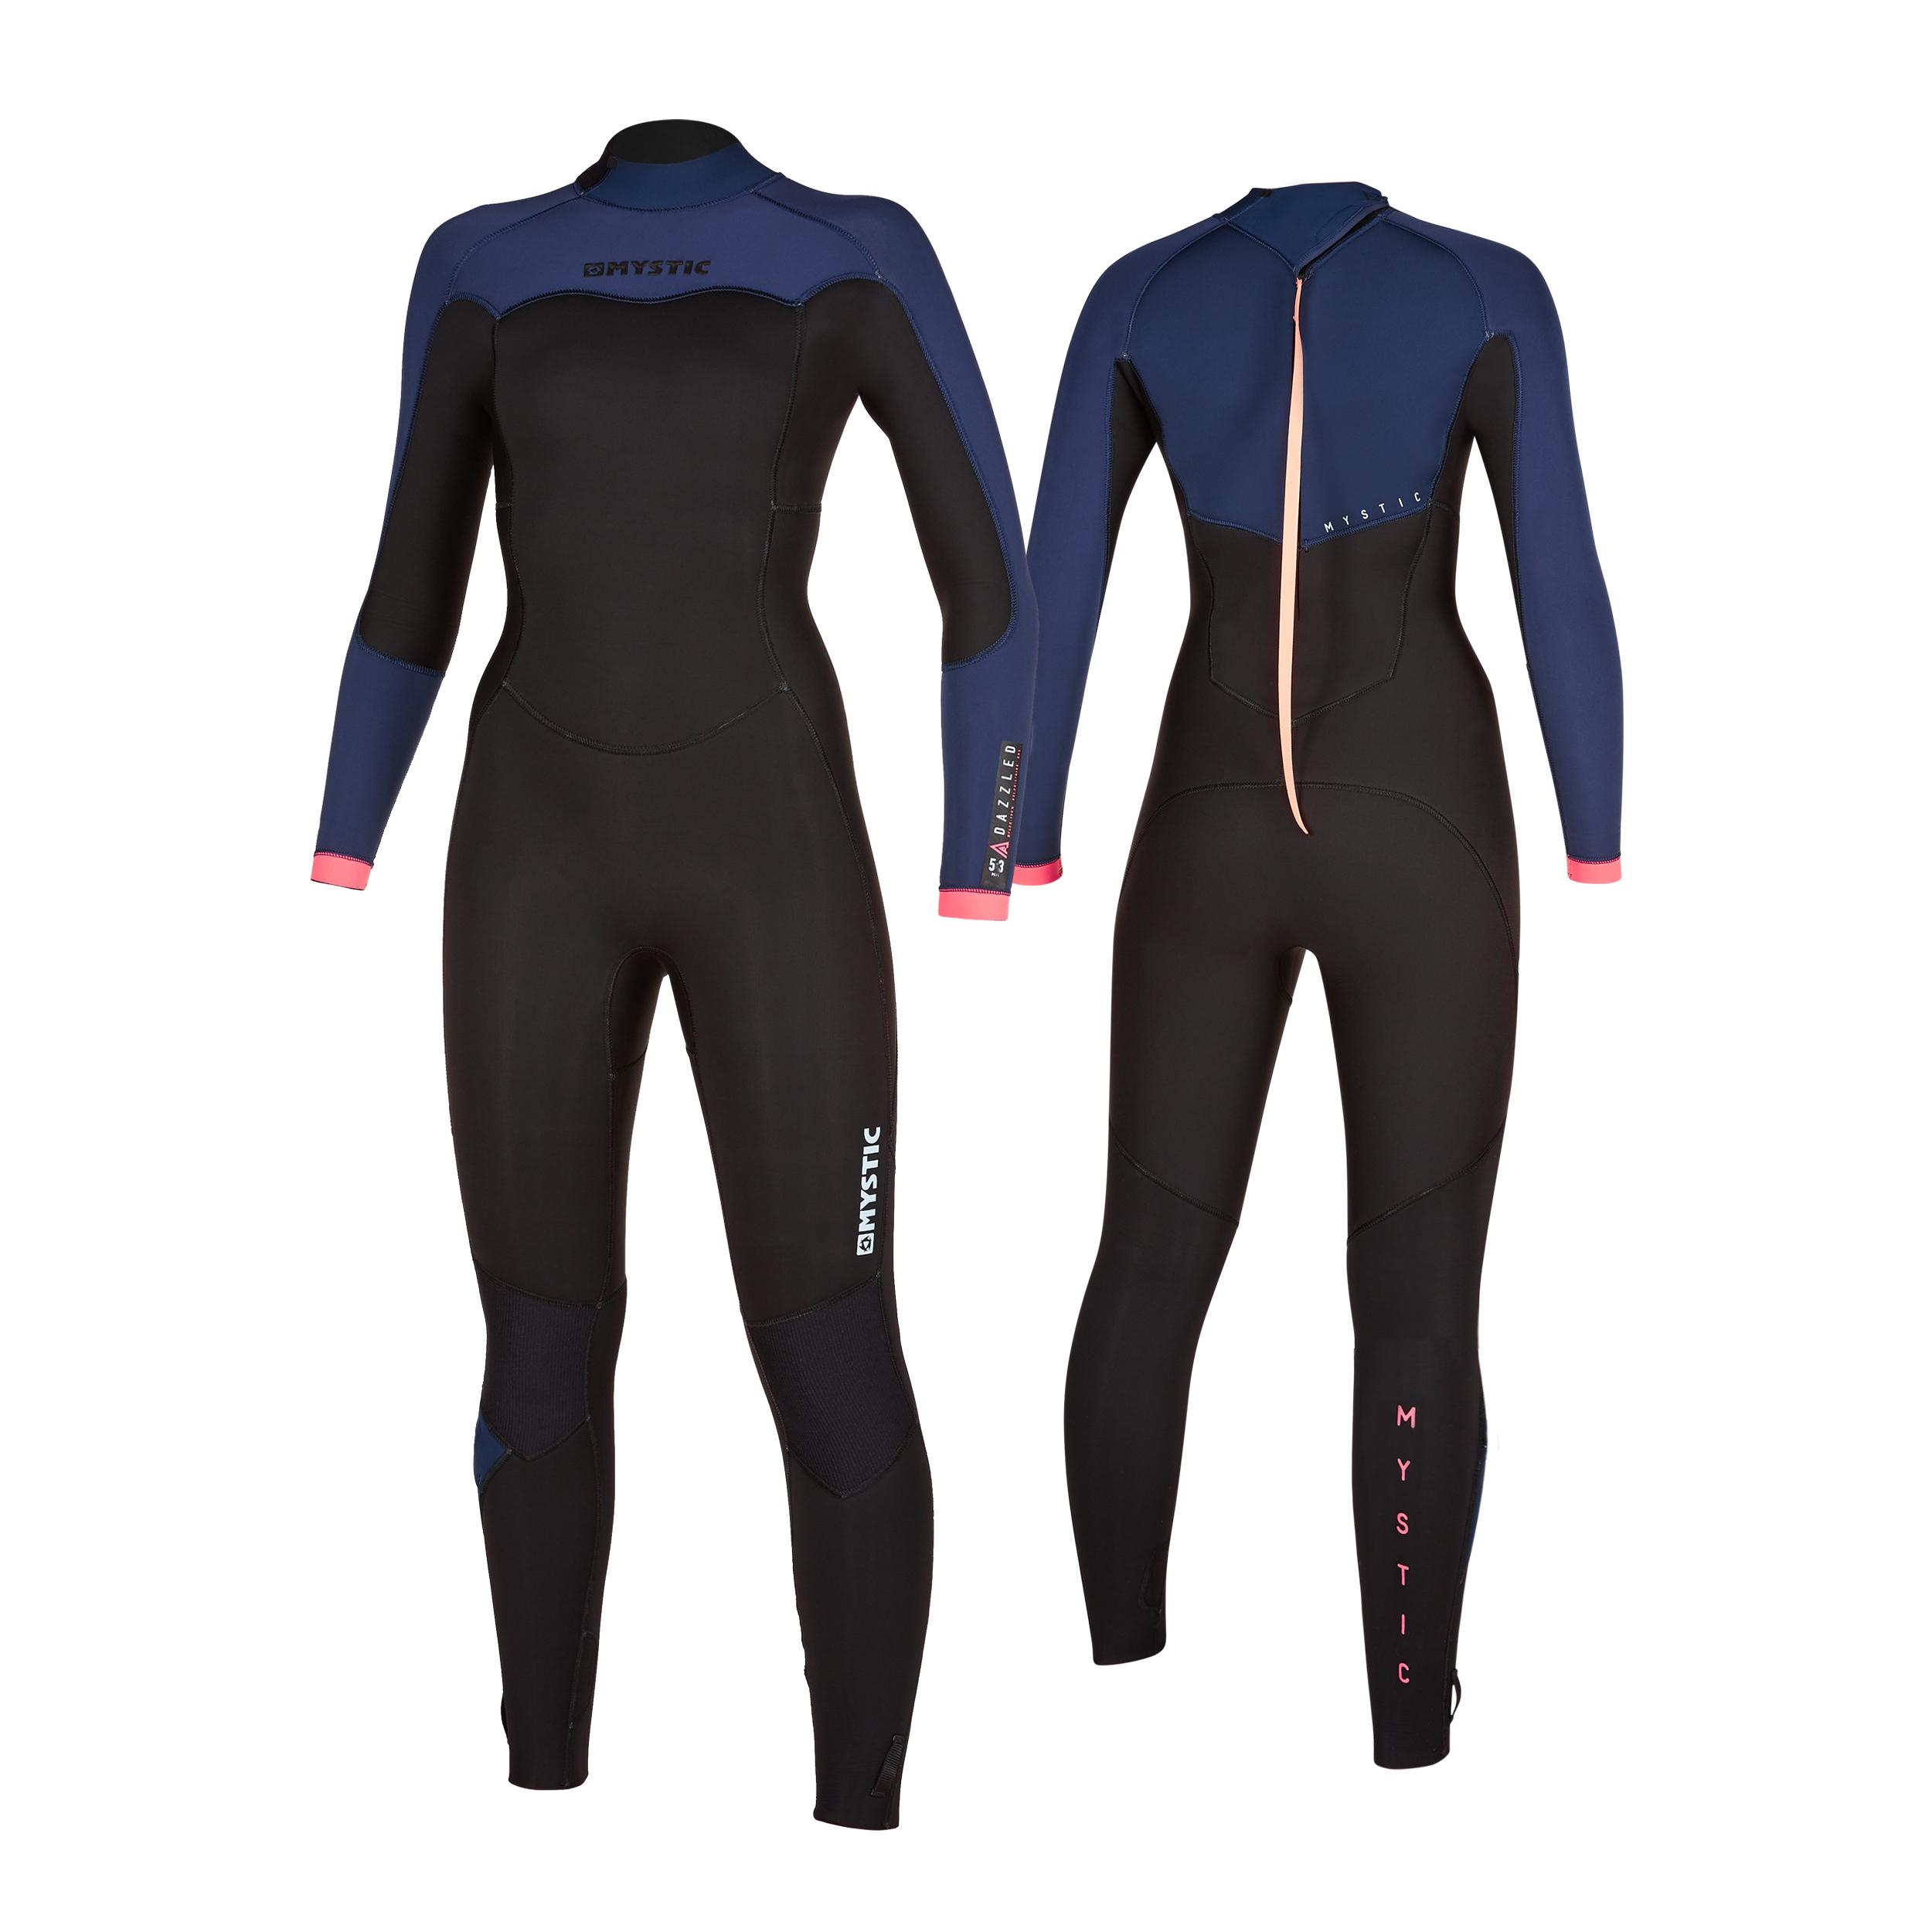 Mystic Wetsuit - Dazzled 5/3 Female - M